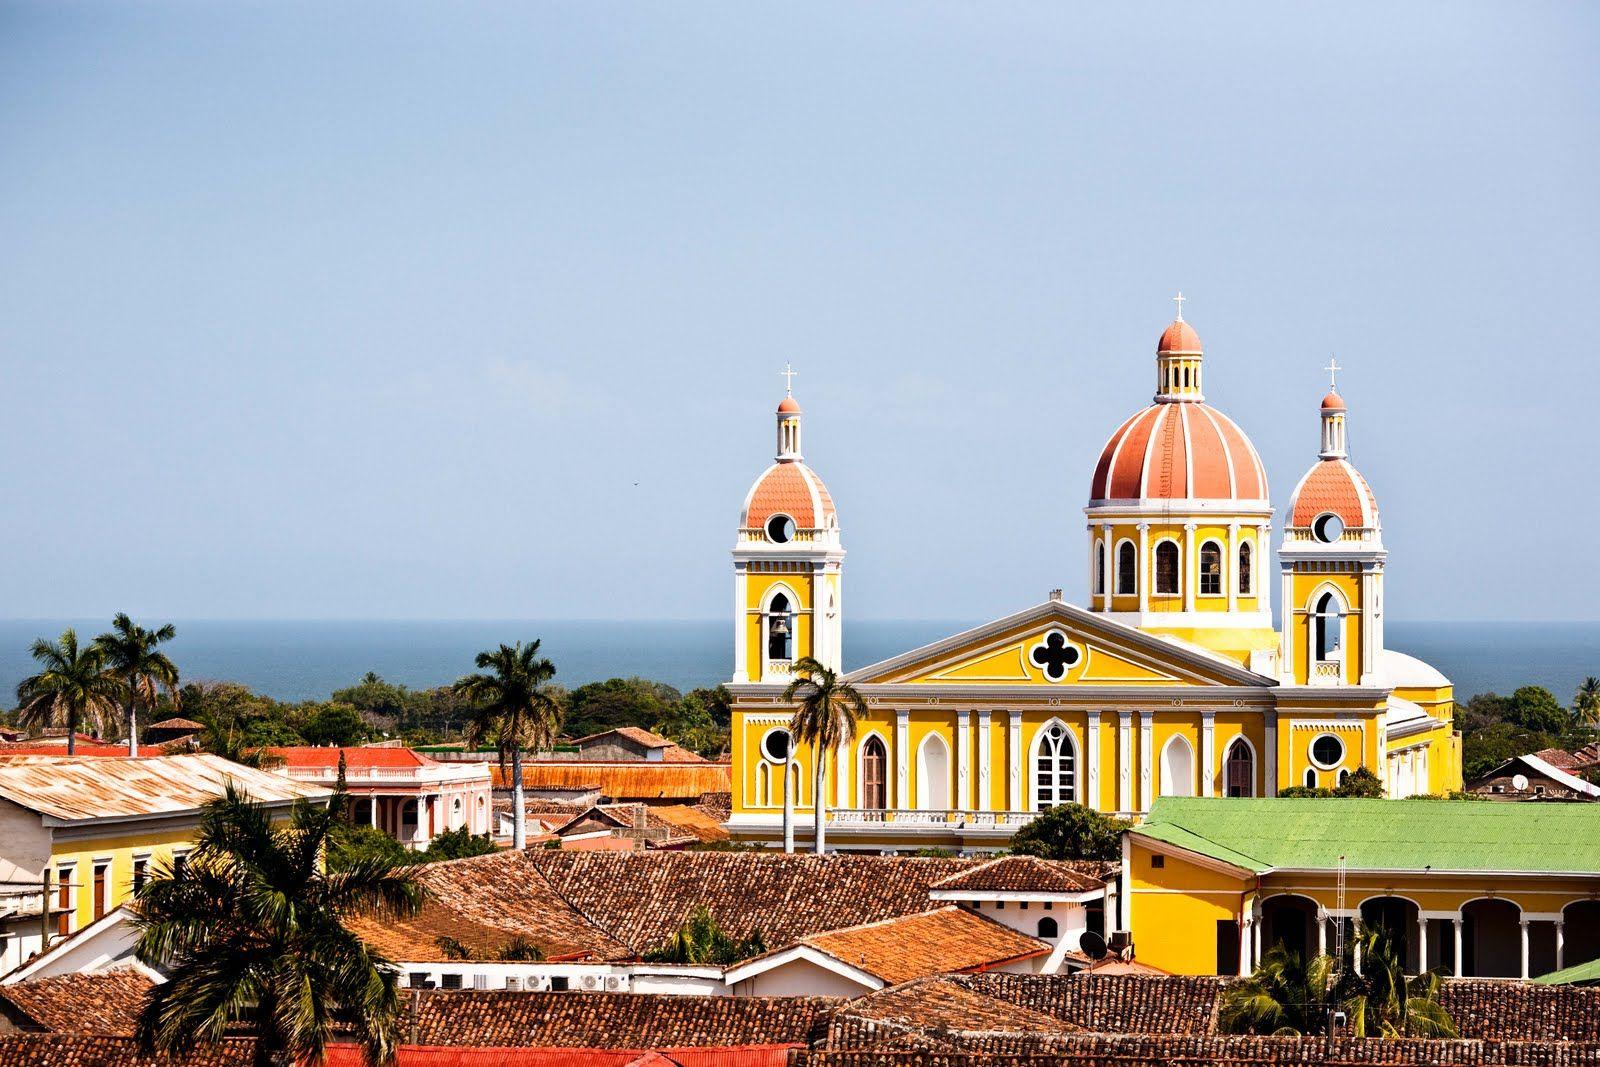 Granada Nicaragua Beautiful Colonial Town In The